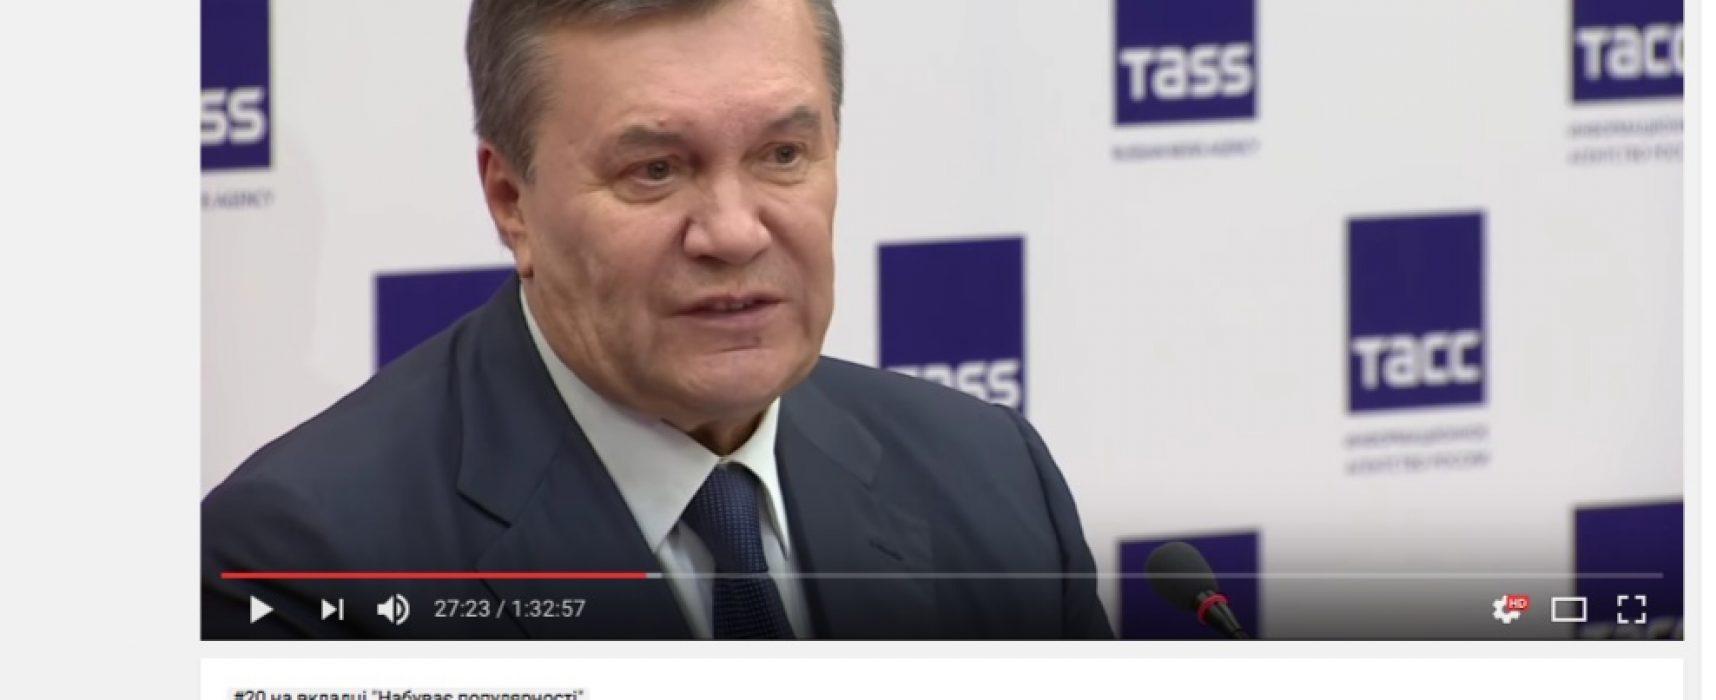 Di cosa ha parlato Yanukovich a Rostov